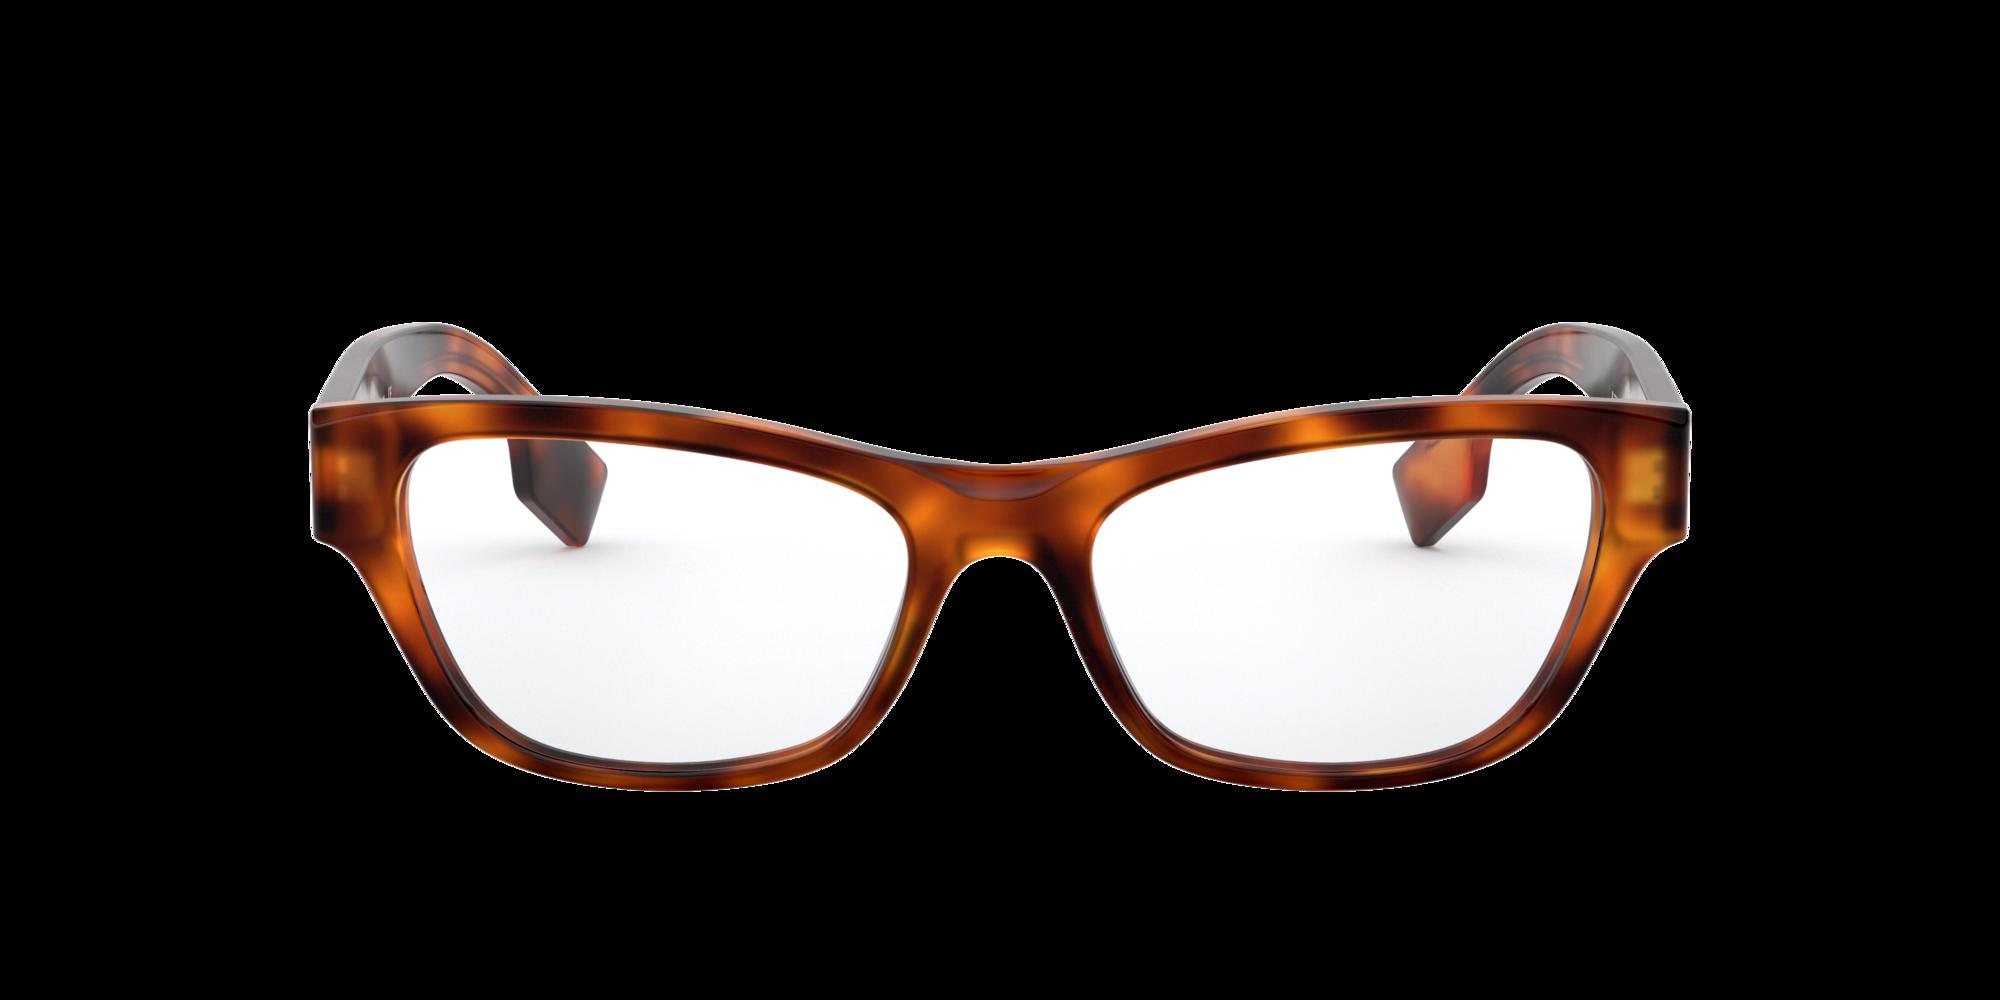 Imagen para BE2302 de LensCrafters |  Espejuelos, espejuelos graduados en línea, gafas